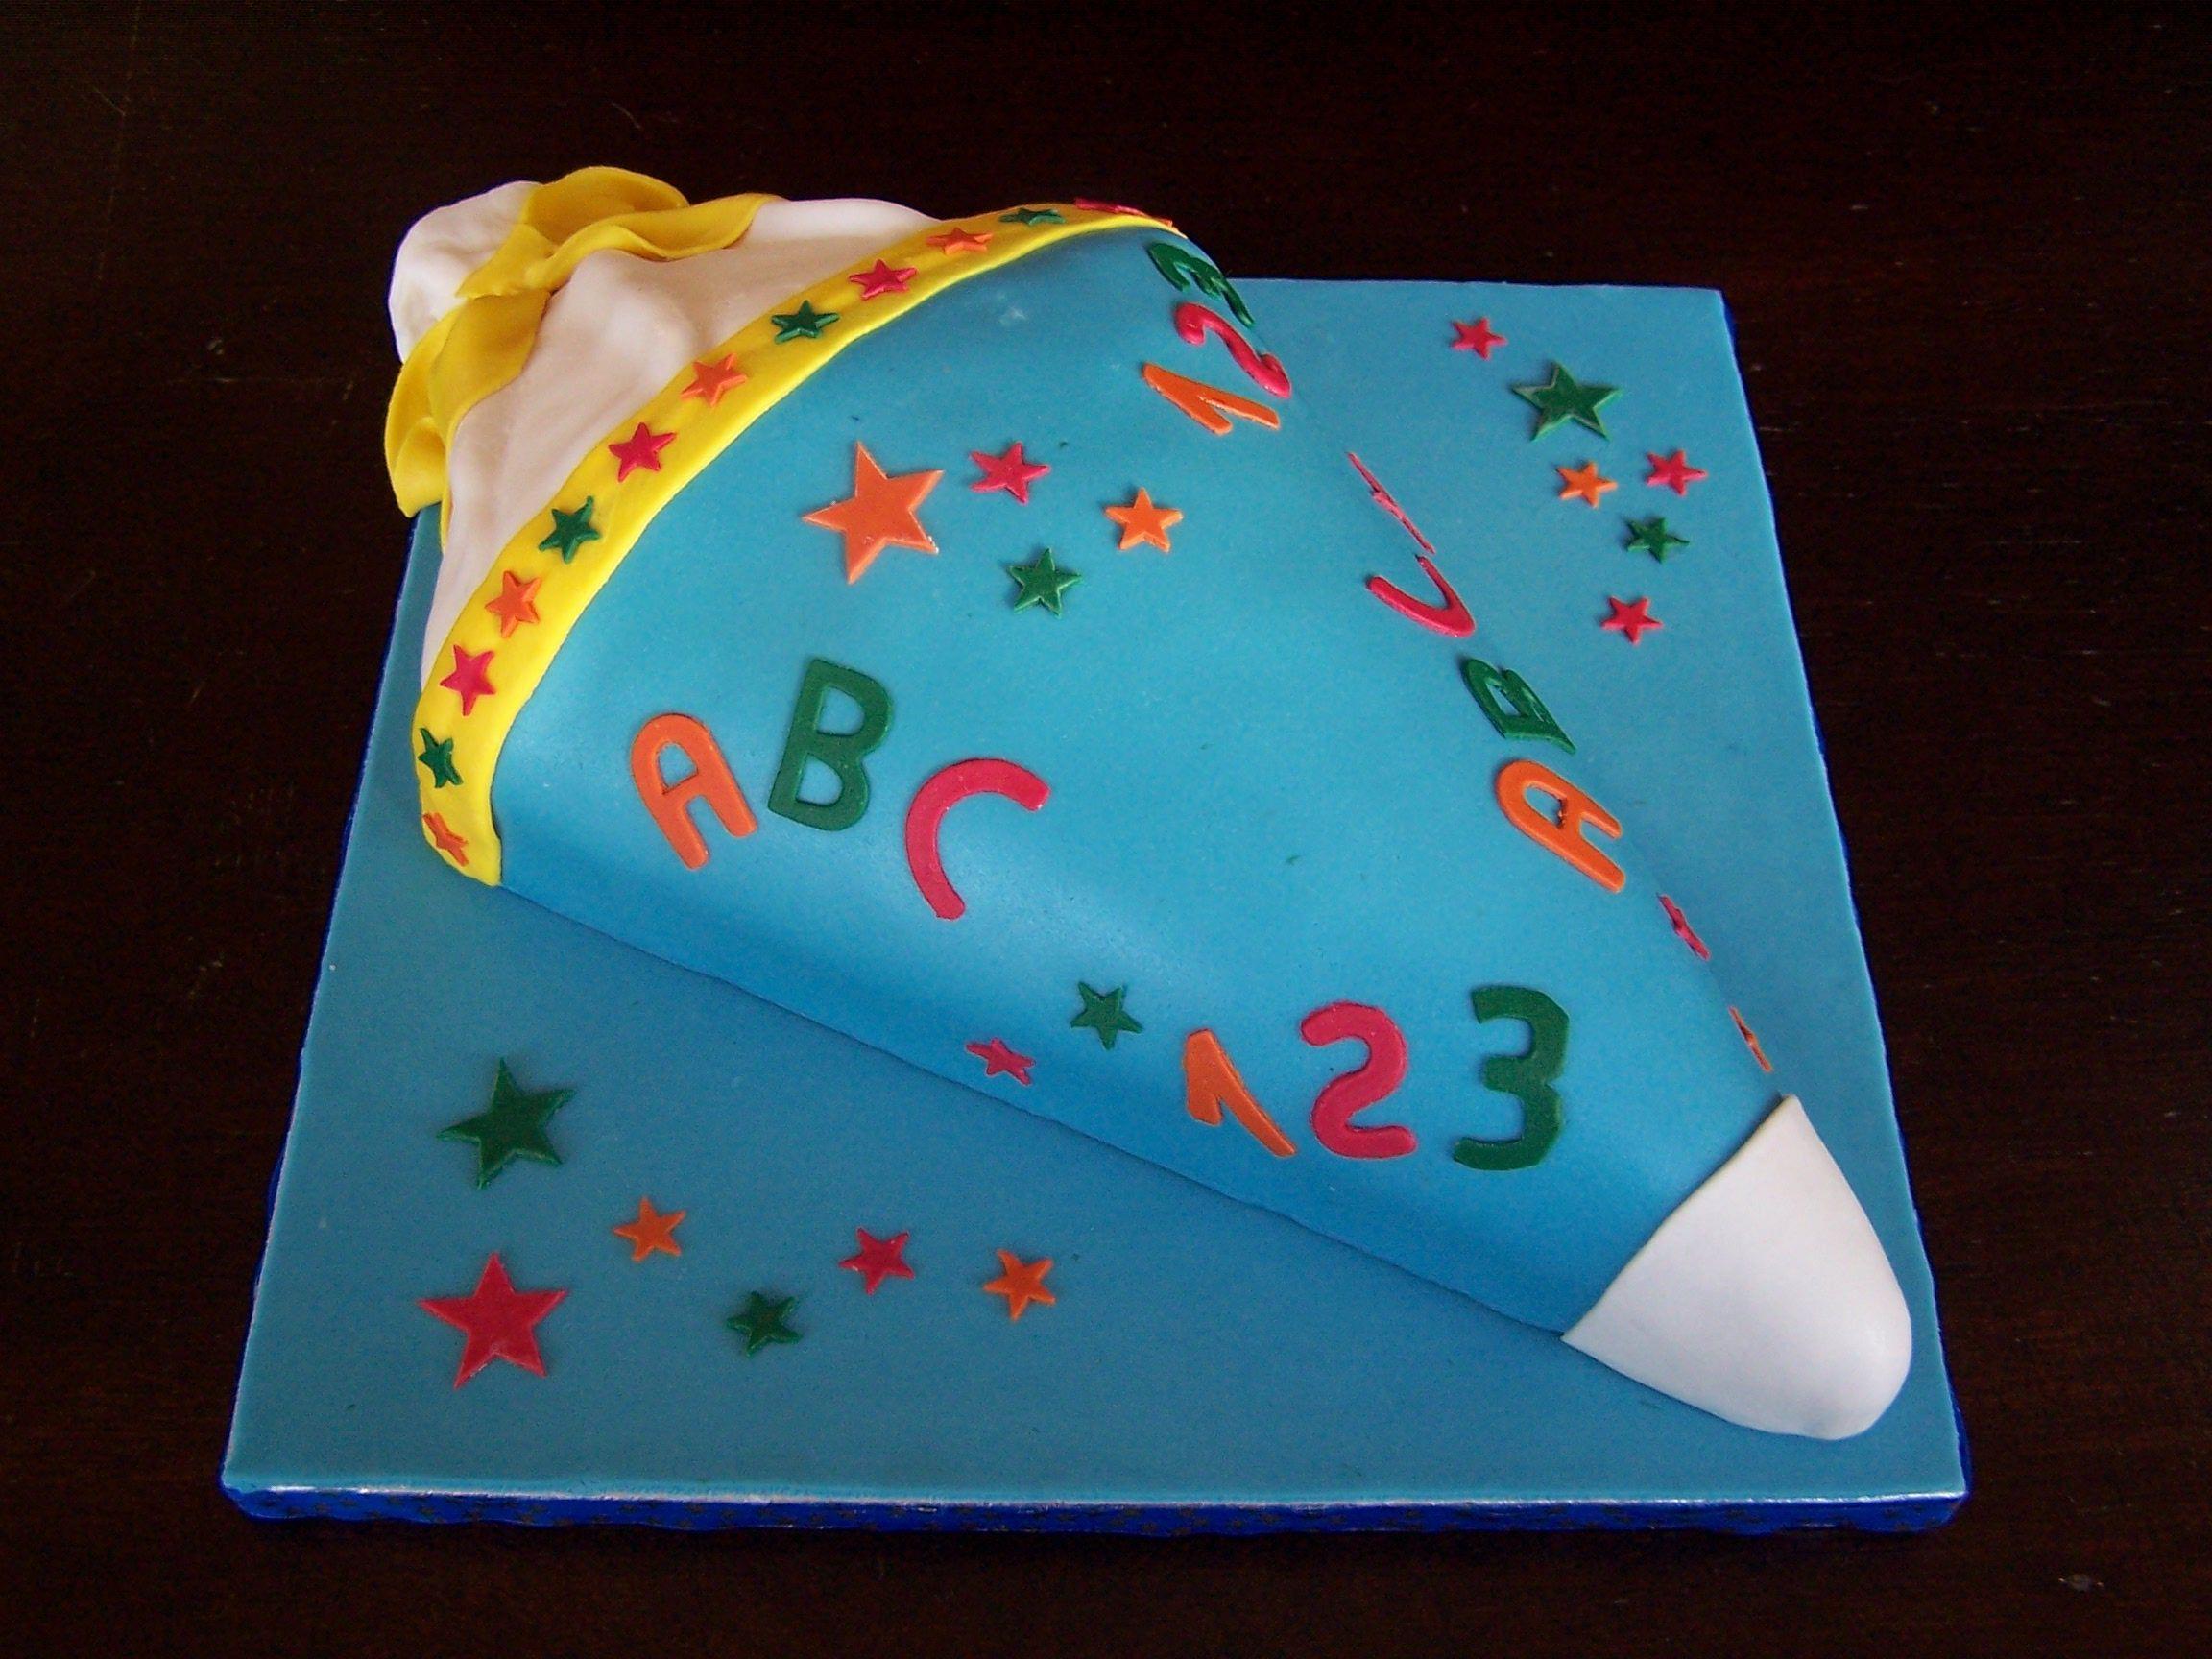 Fondant Torte Als Schultute Einschulung Fondant Cake First